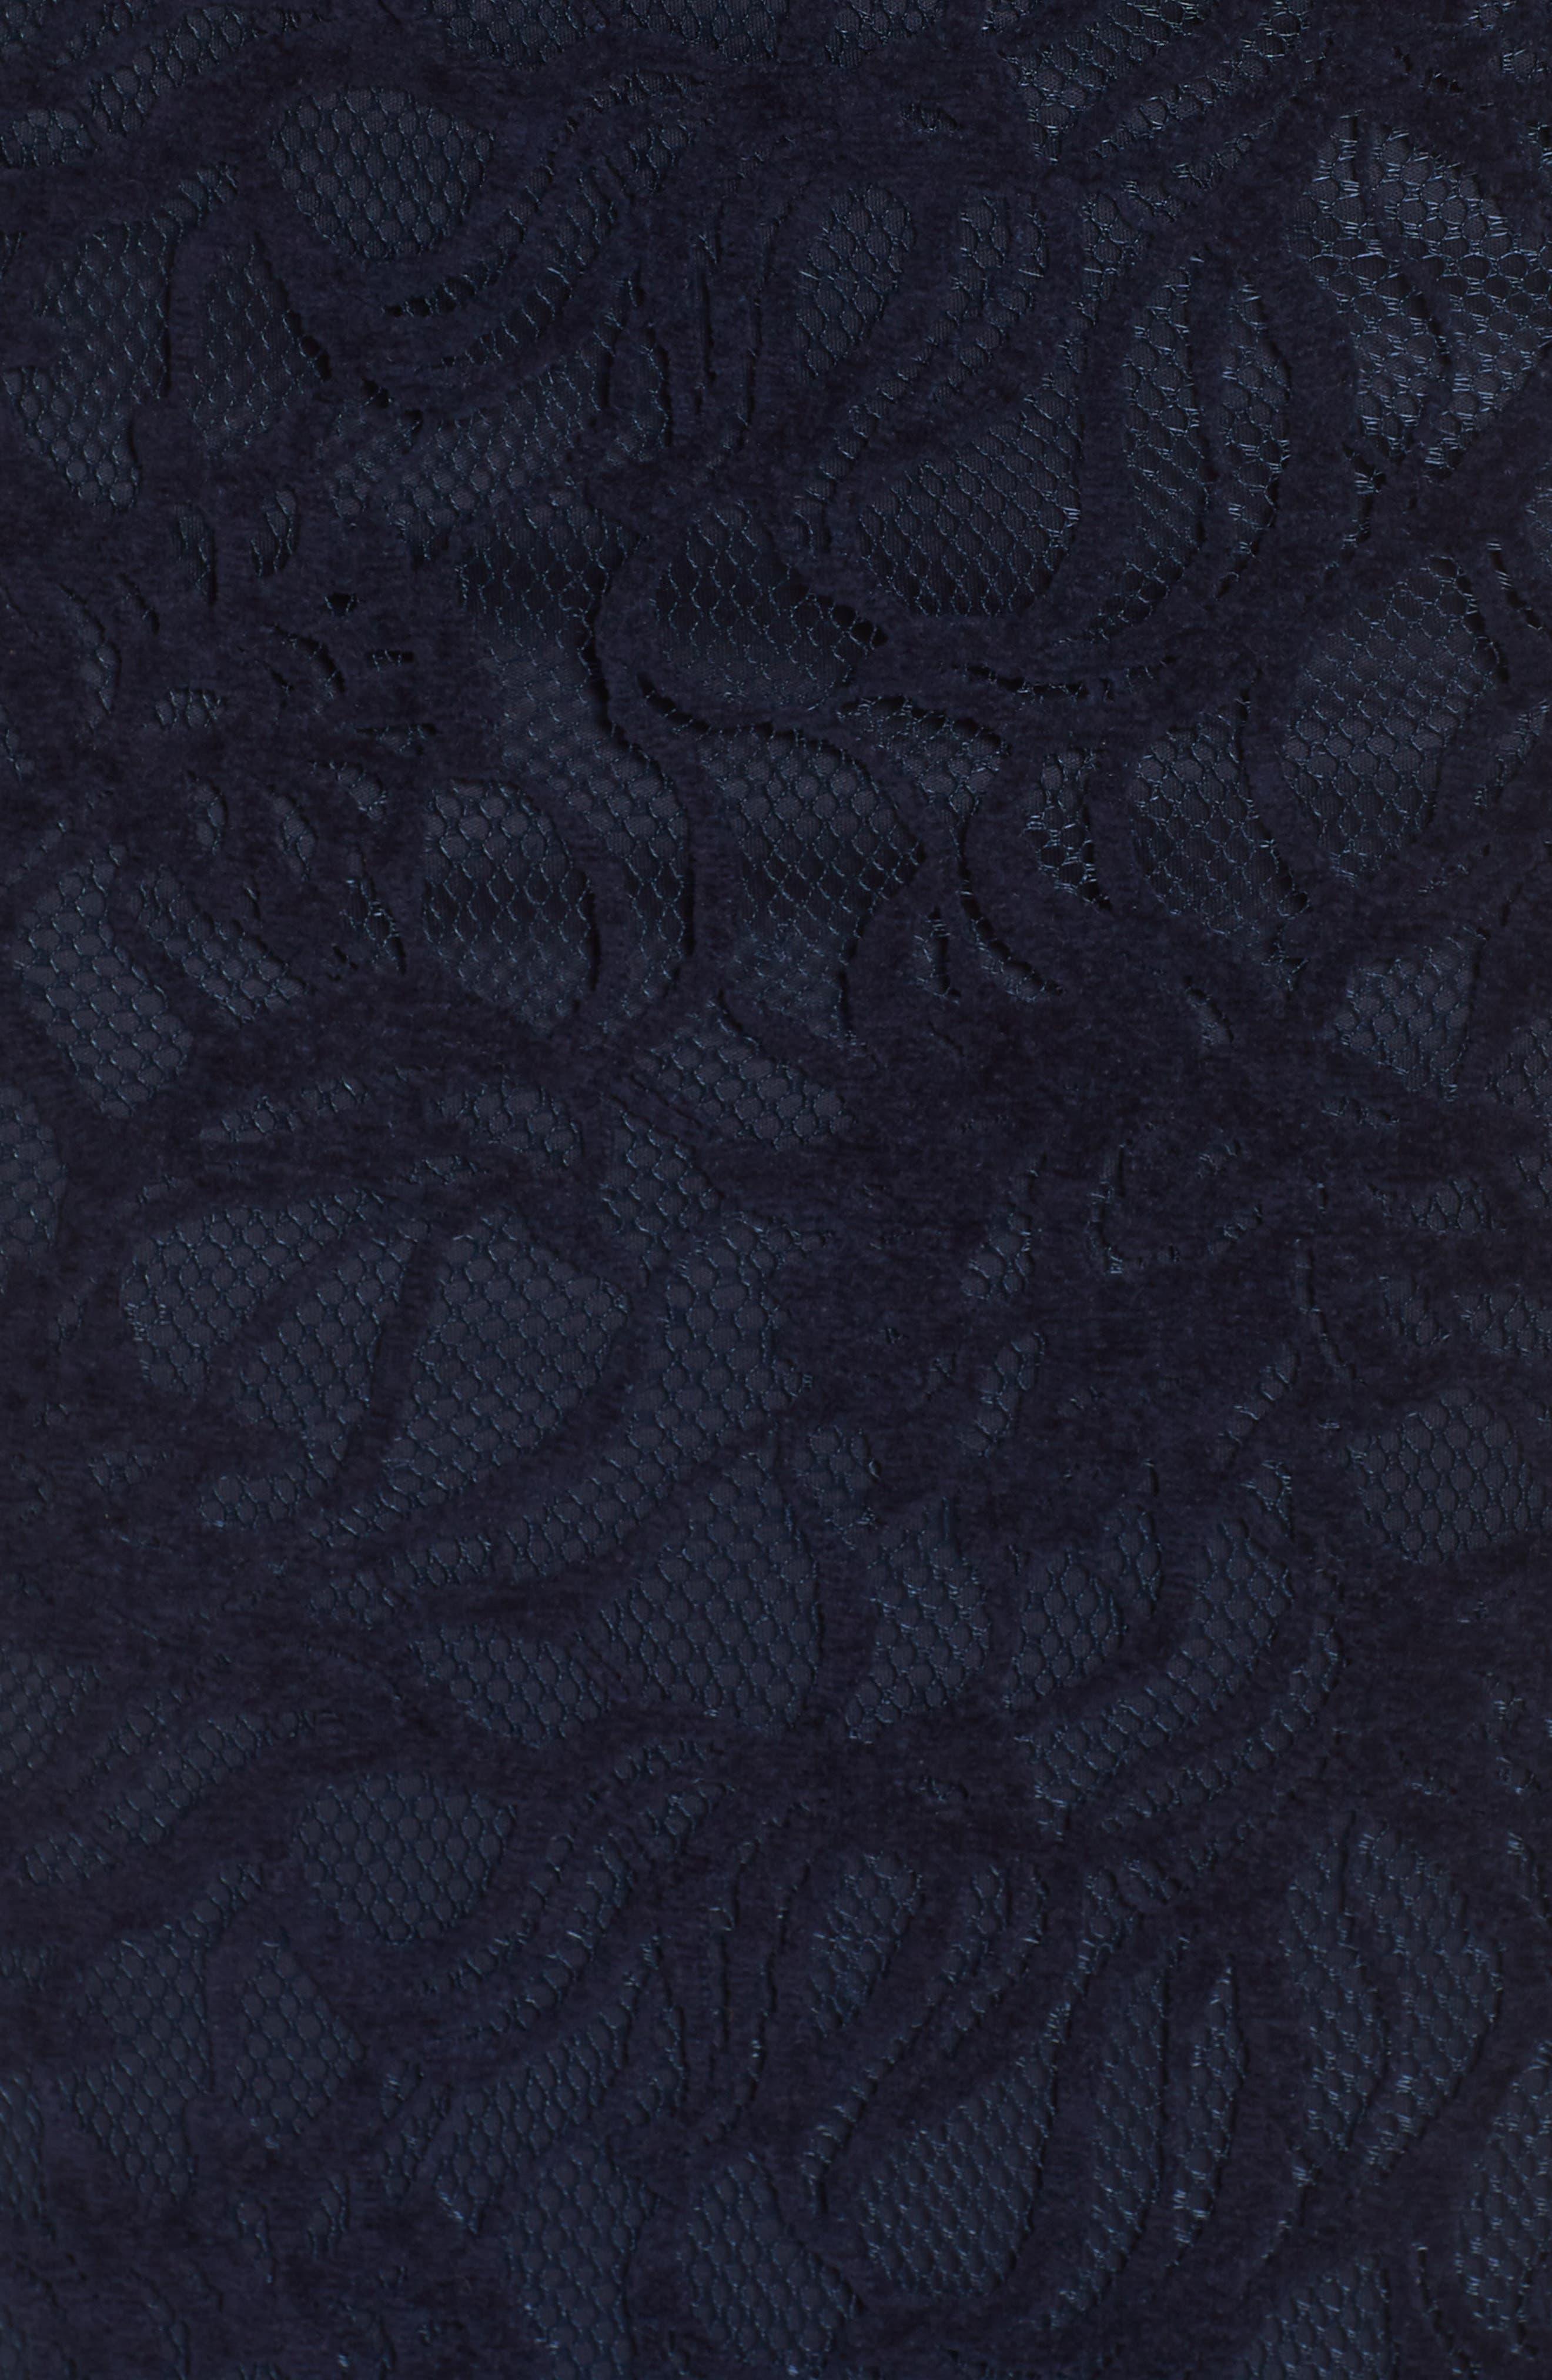 Burnout Lace Gown,                             Alternate thumbnail 6, color,                             NAVY